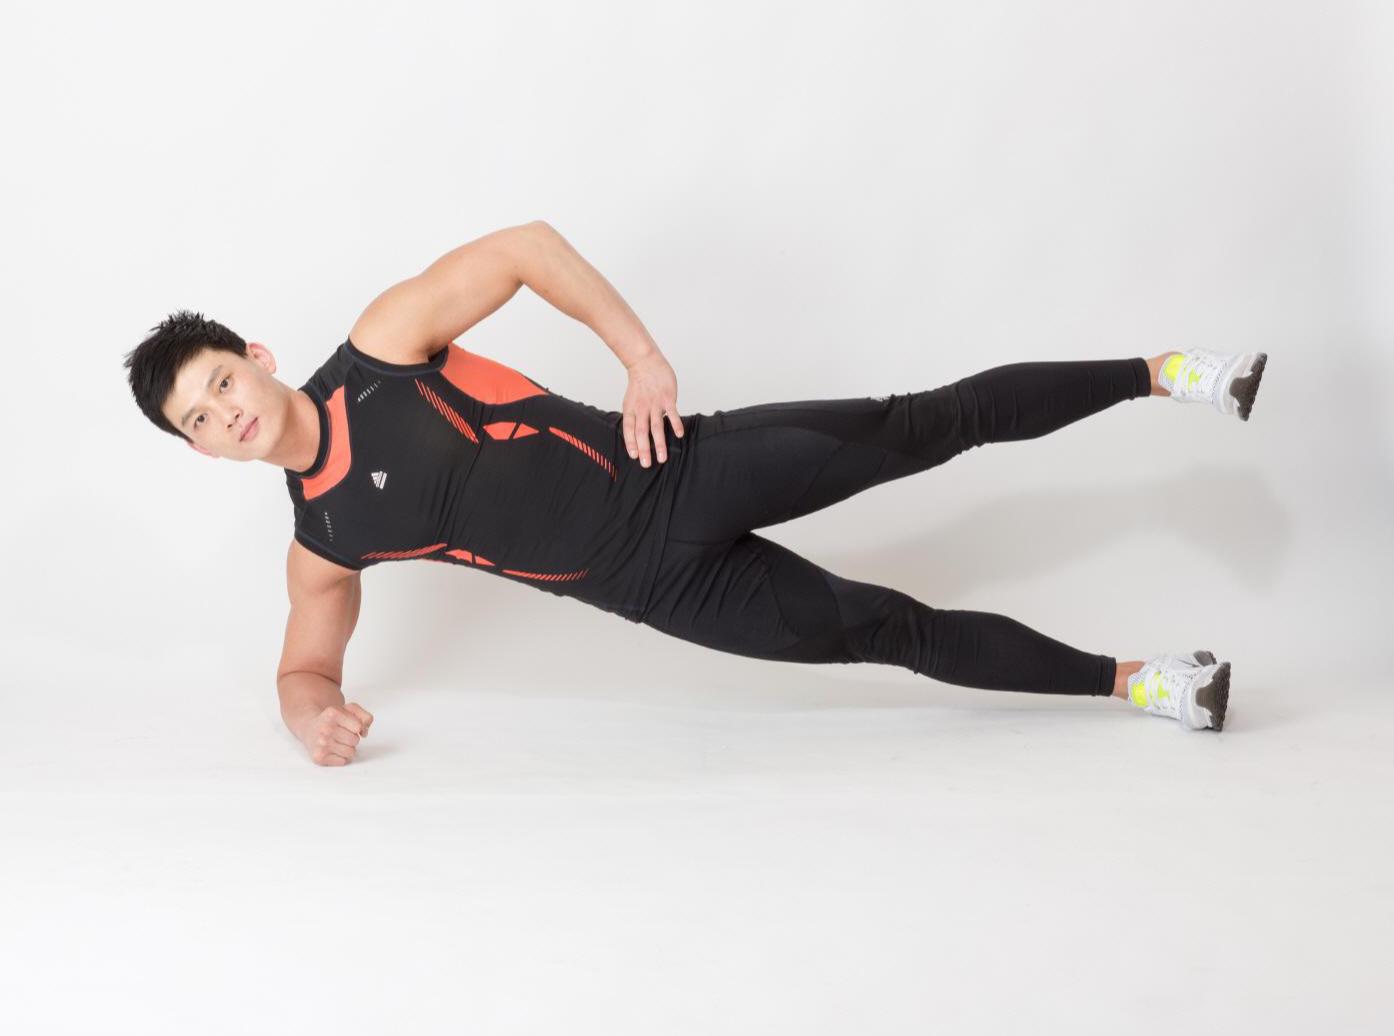 간단하지만 효과적인 4분 타바타 운동(측면부 코어 운동)